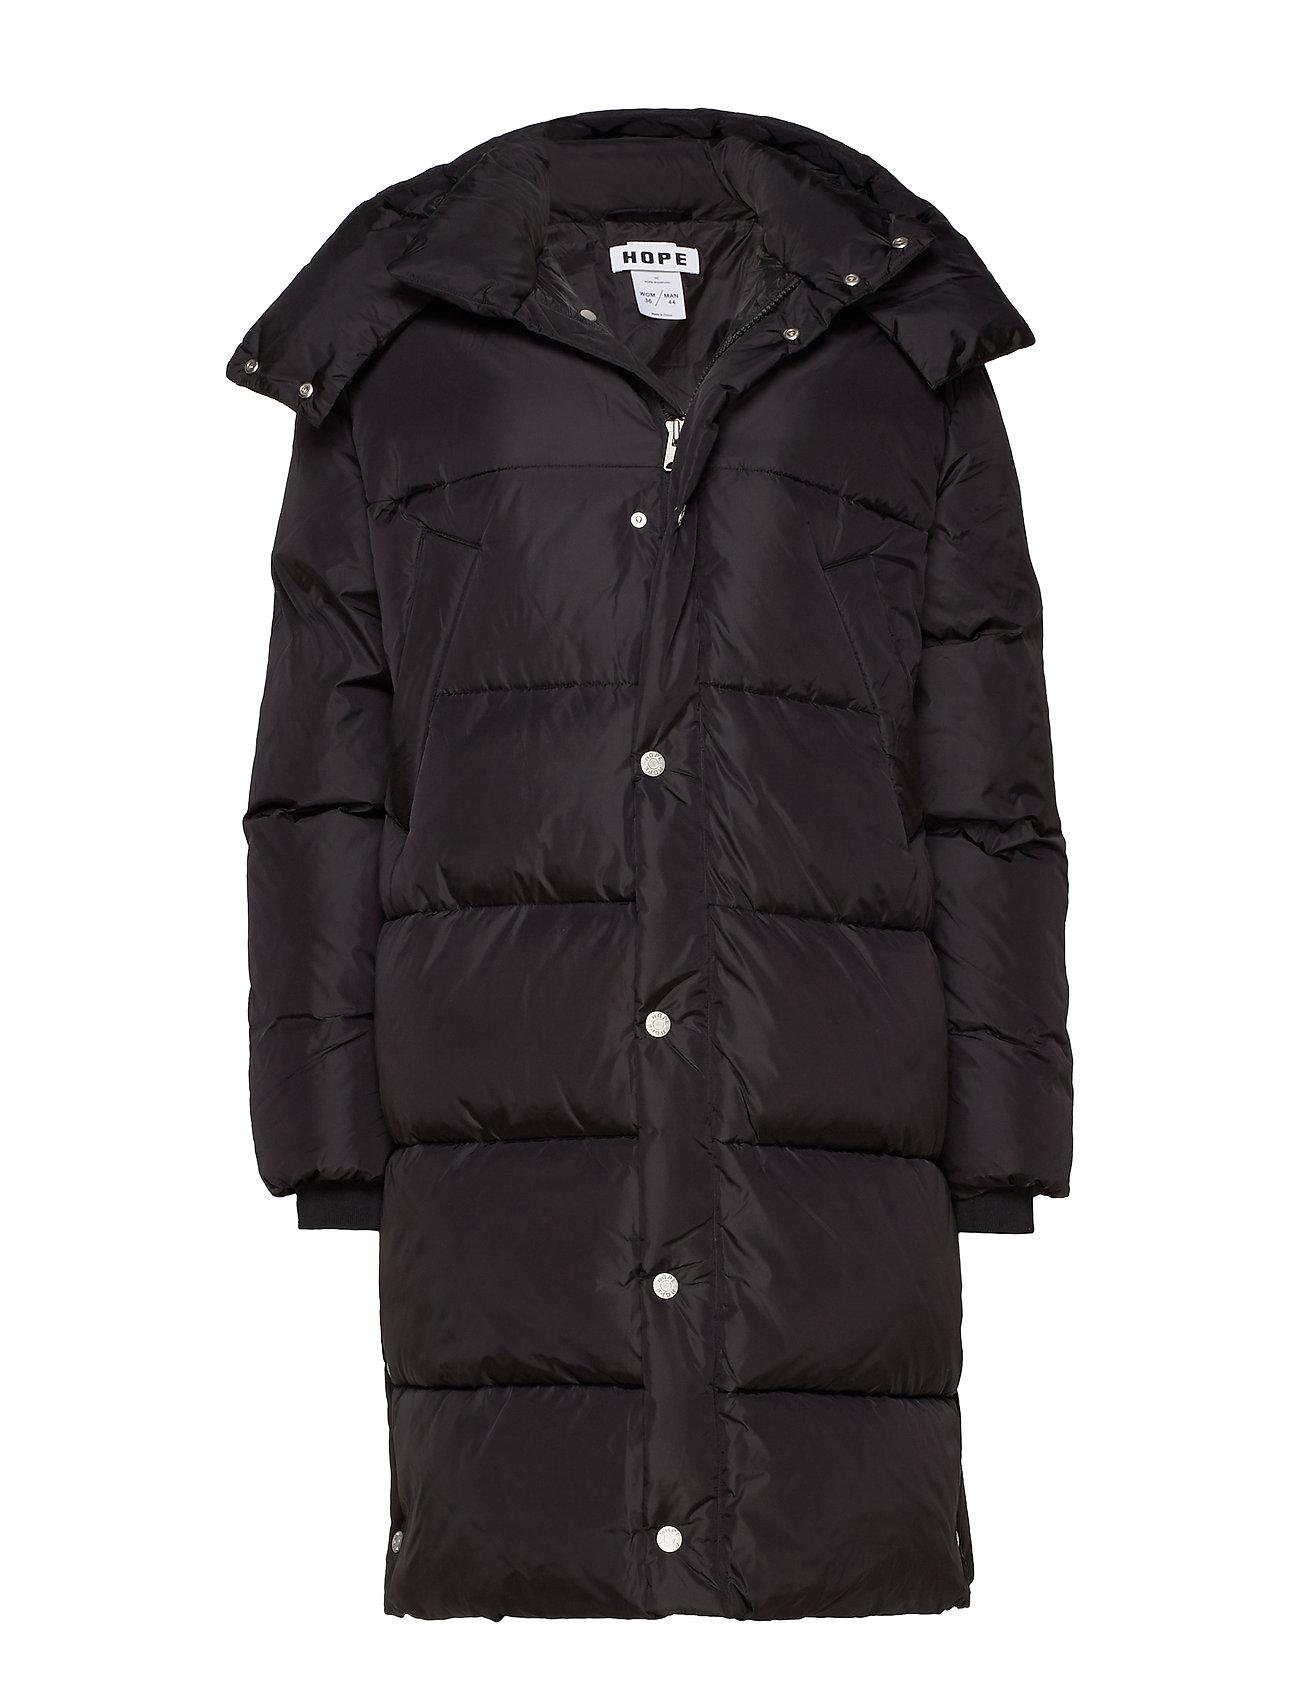 Hope Duvet Coat - BLACK